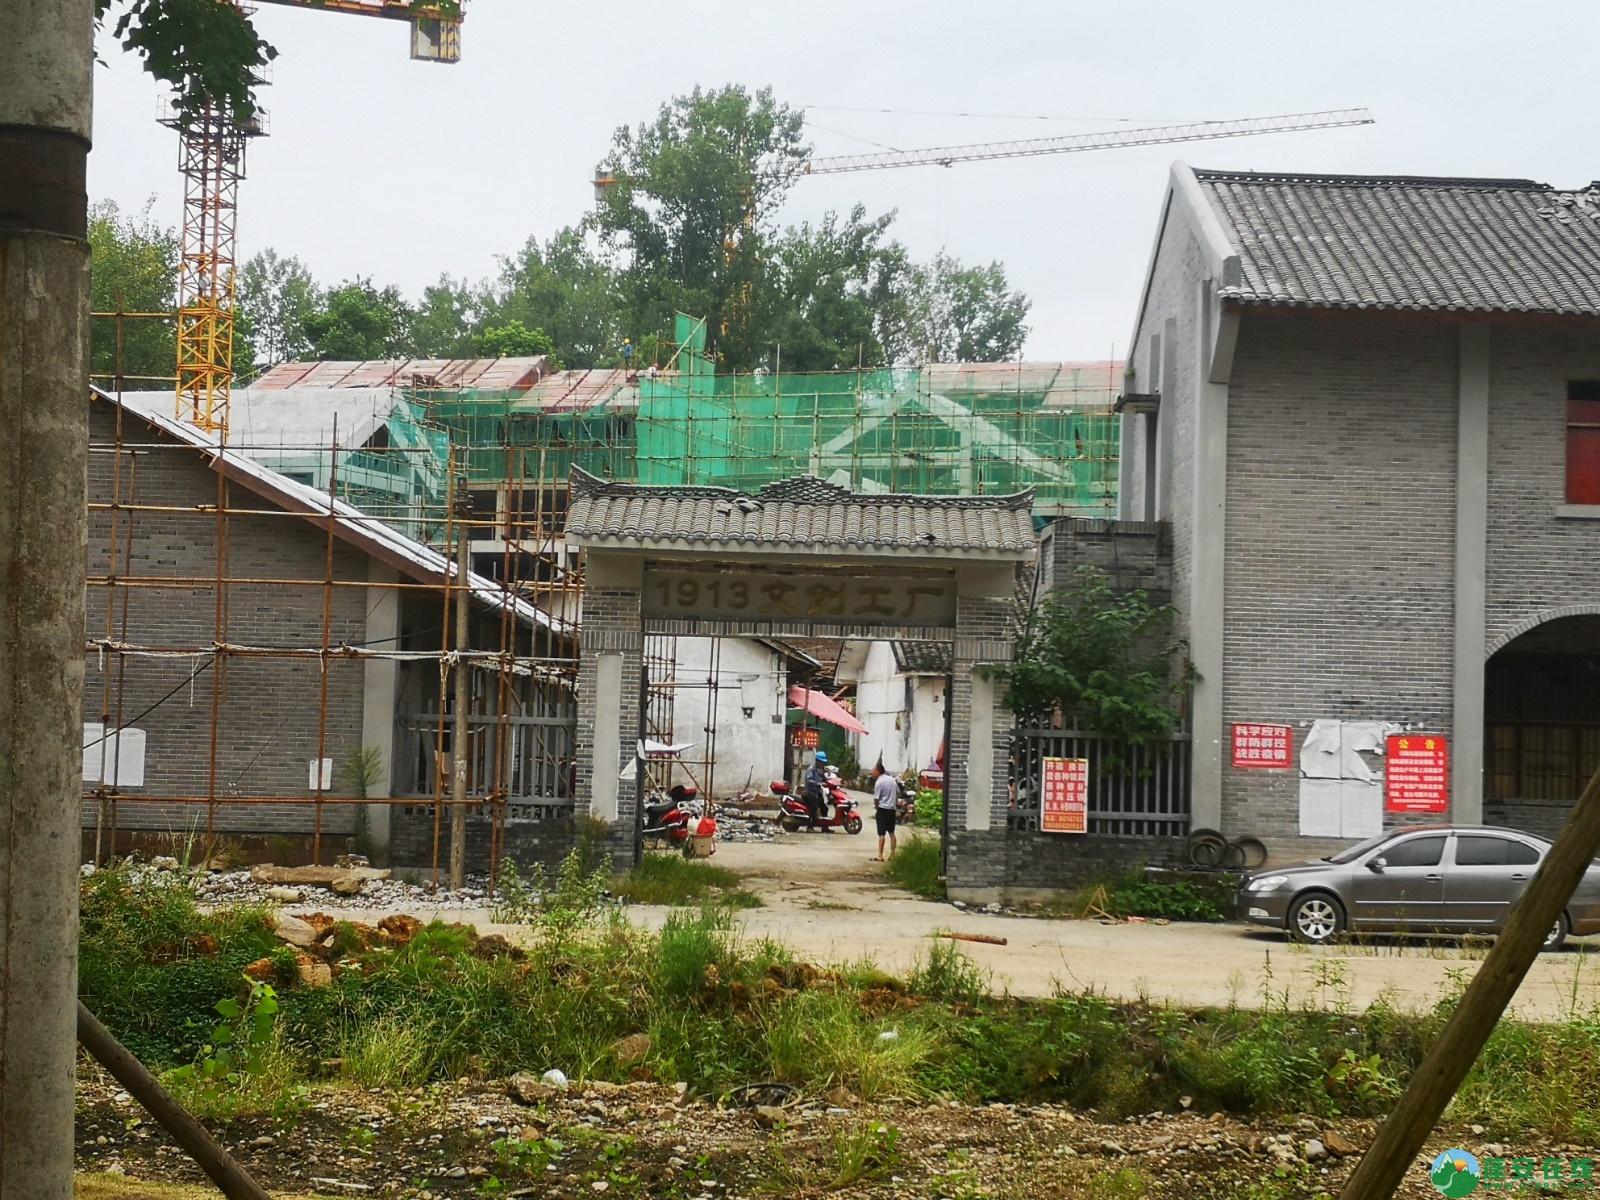 蓬安锦屏新区近况(2020-08-19) - 第1张  | 蓬安在线